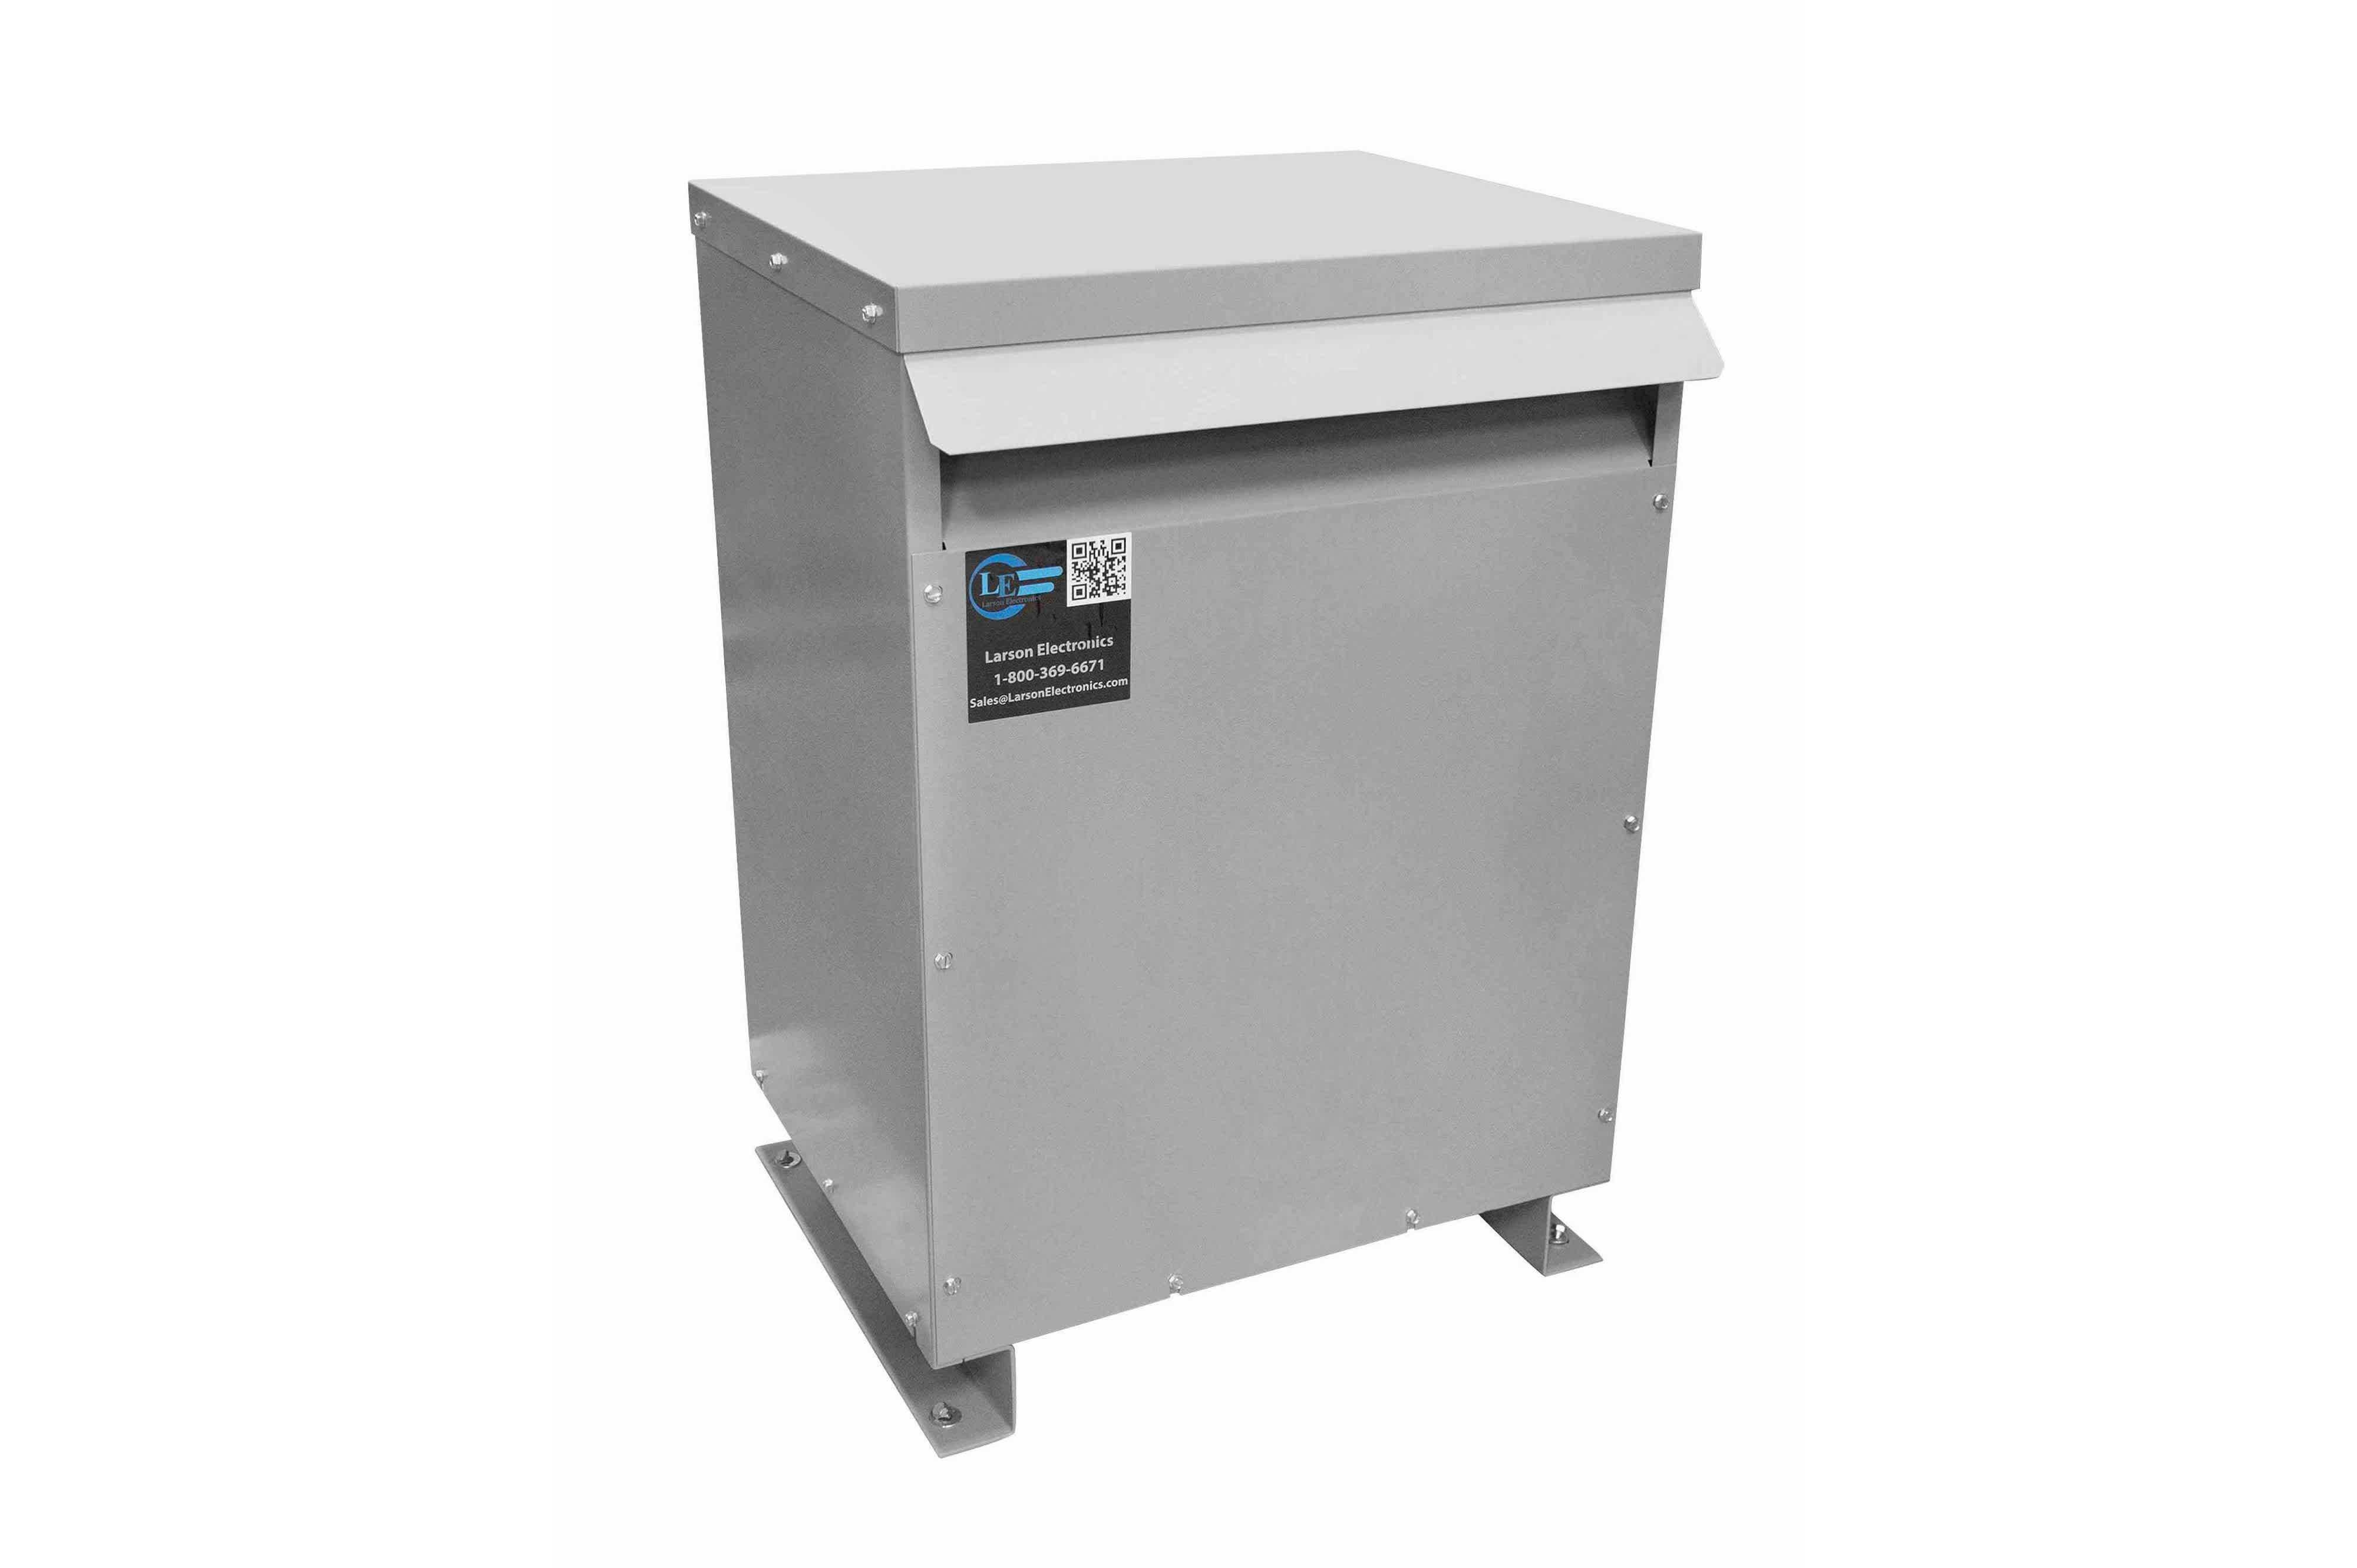 80 kVA 3PH Isolation Transformer, 600V Delta Primary, 380V Delta Secondary, N3R, Ventilated, 60 Hz